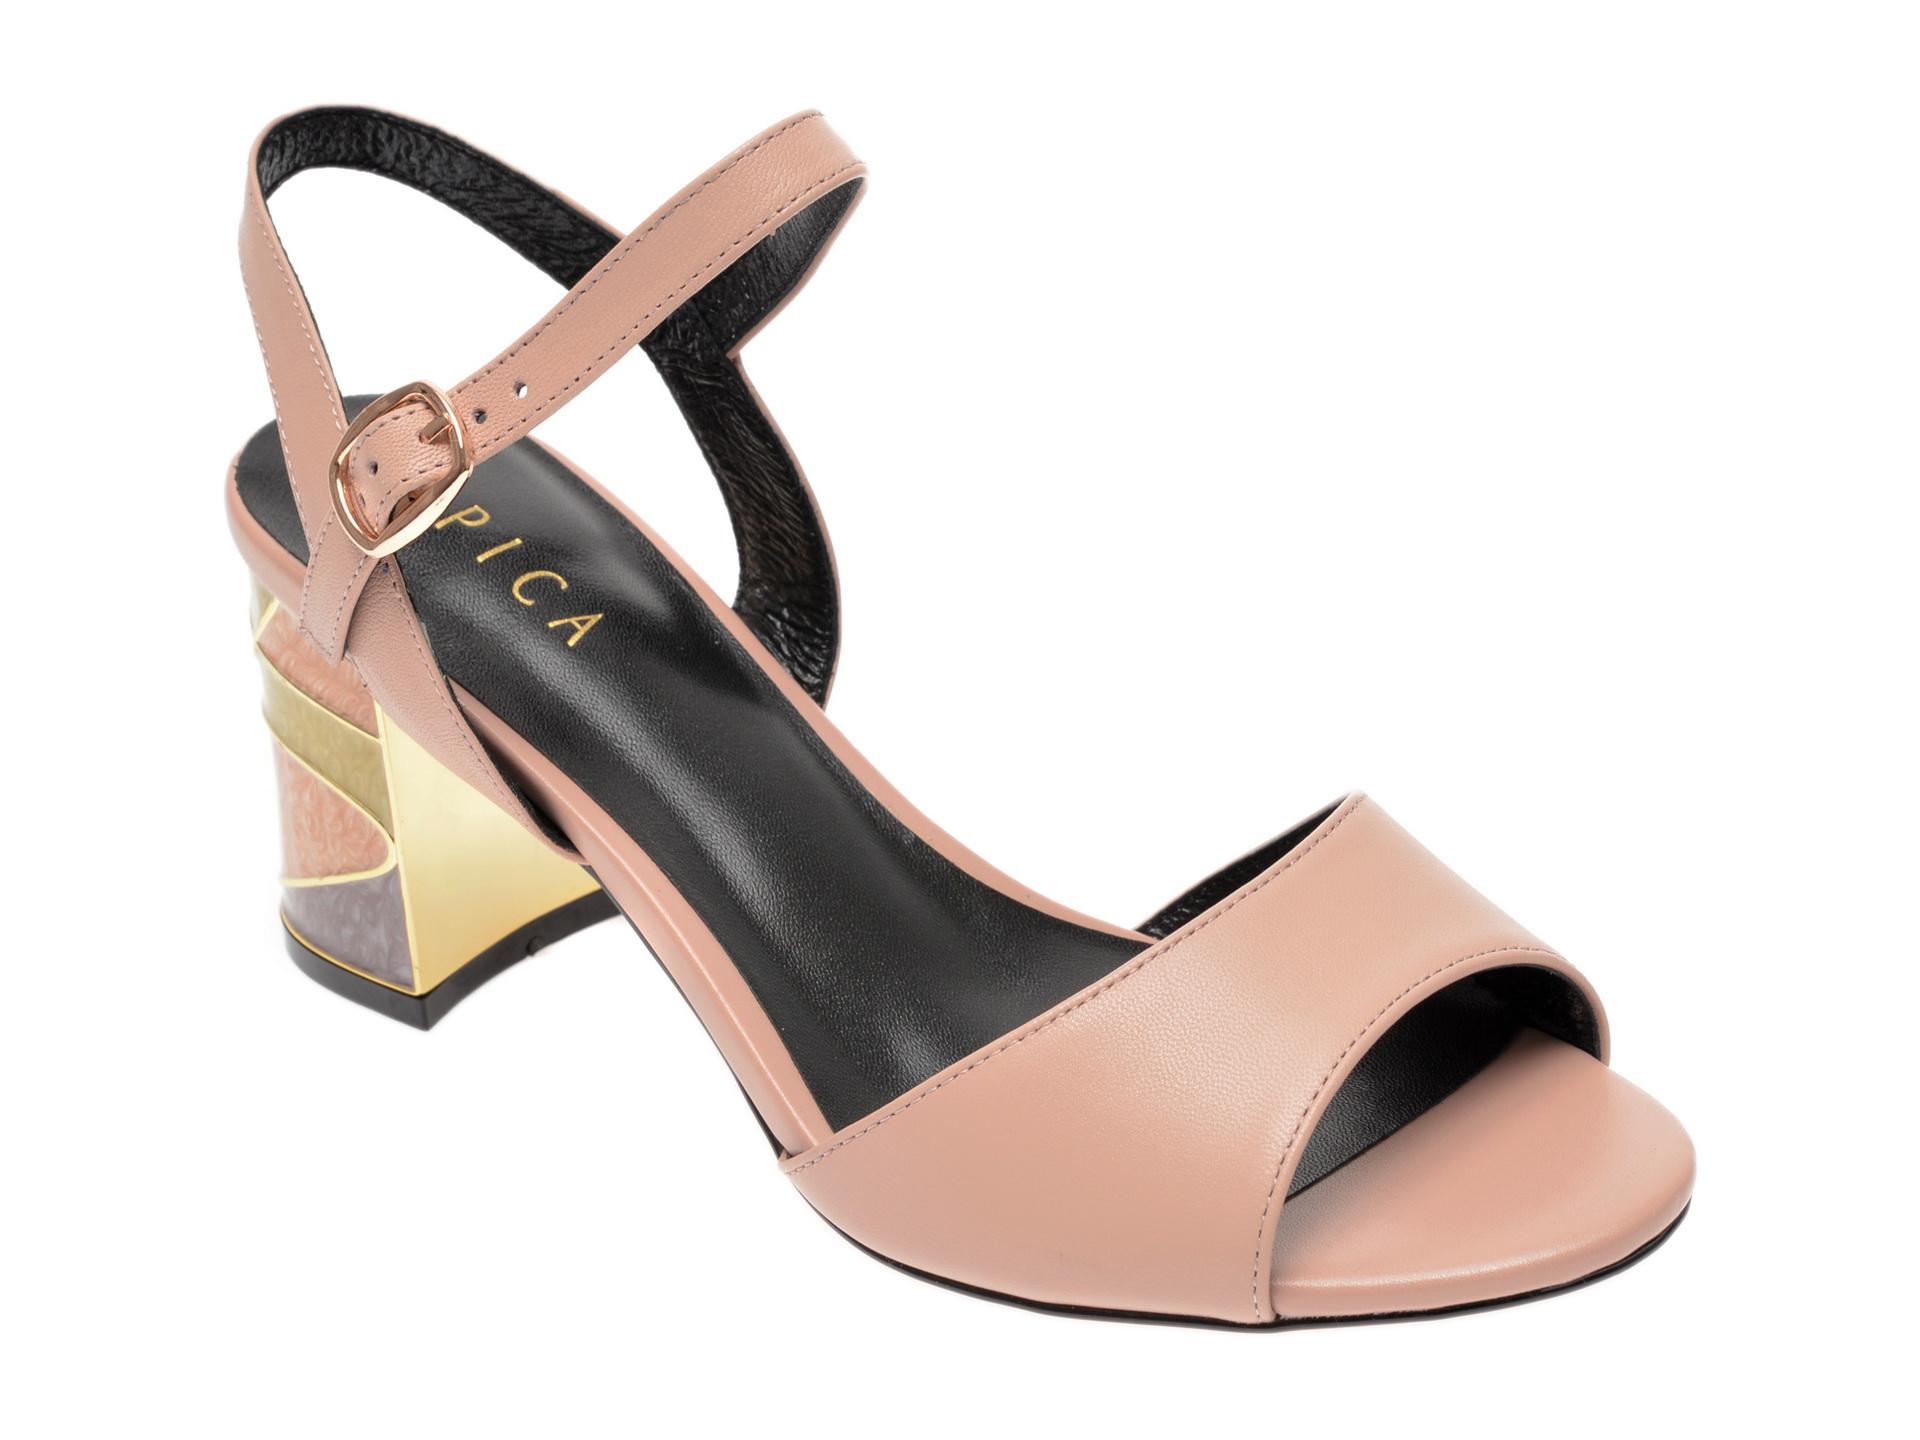 Sandale EPICA nude, 18J4260, din piele naturala imagine